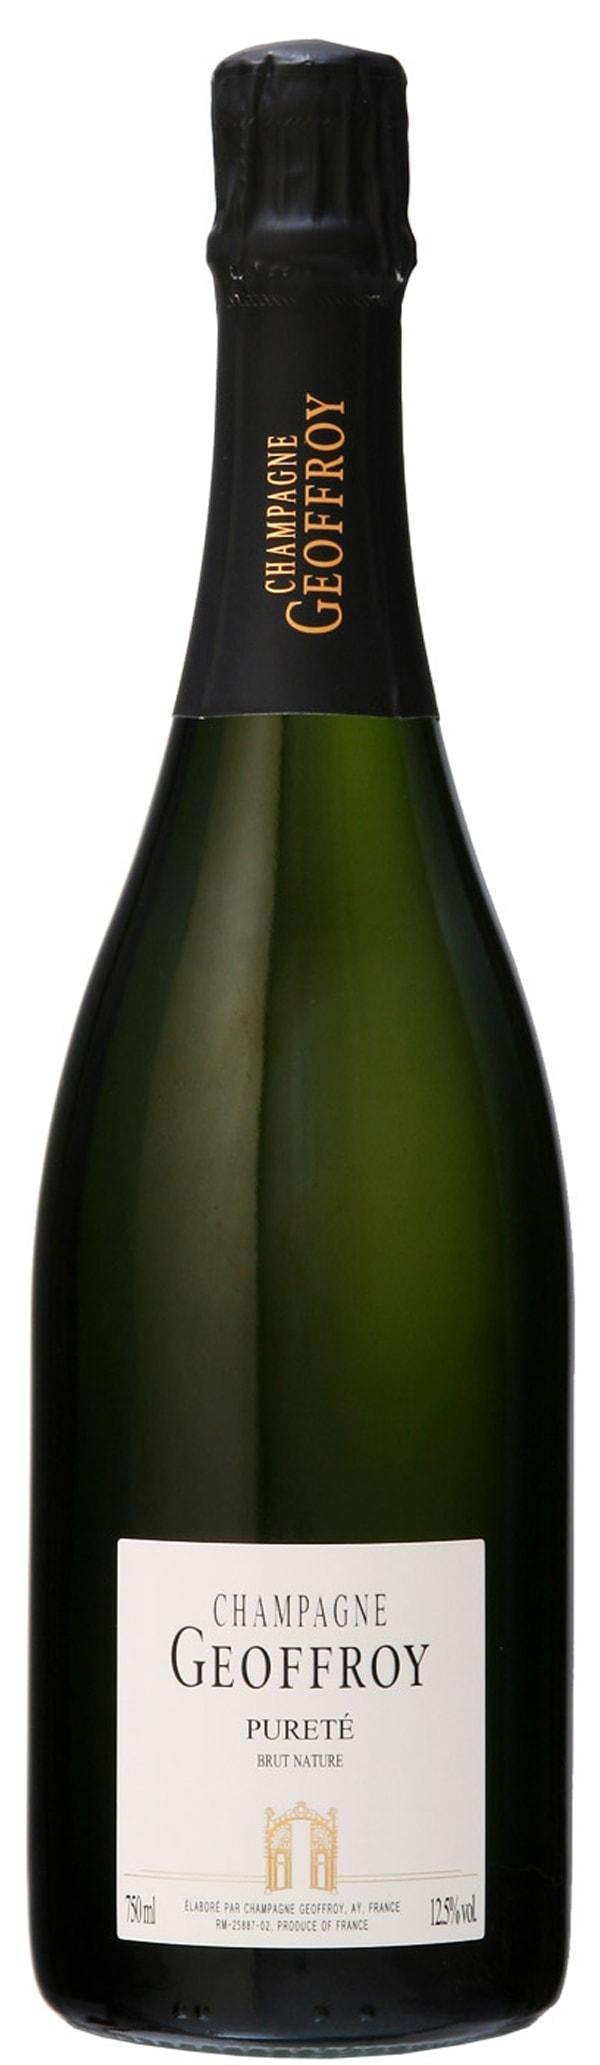 Geoffroy Pureté Champagne Brut Nature